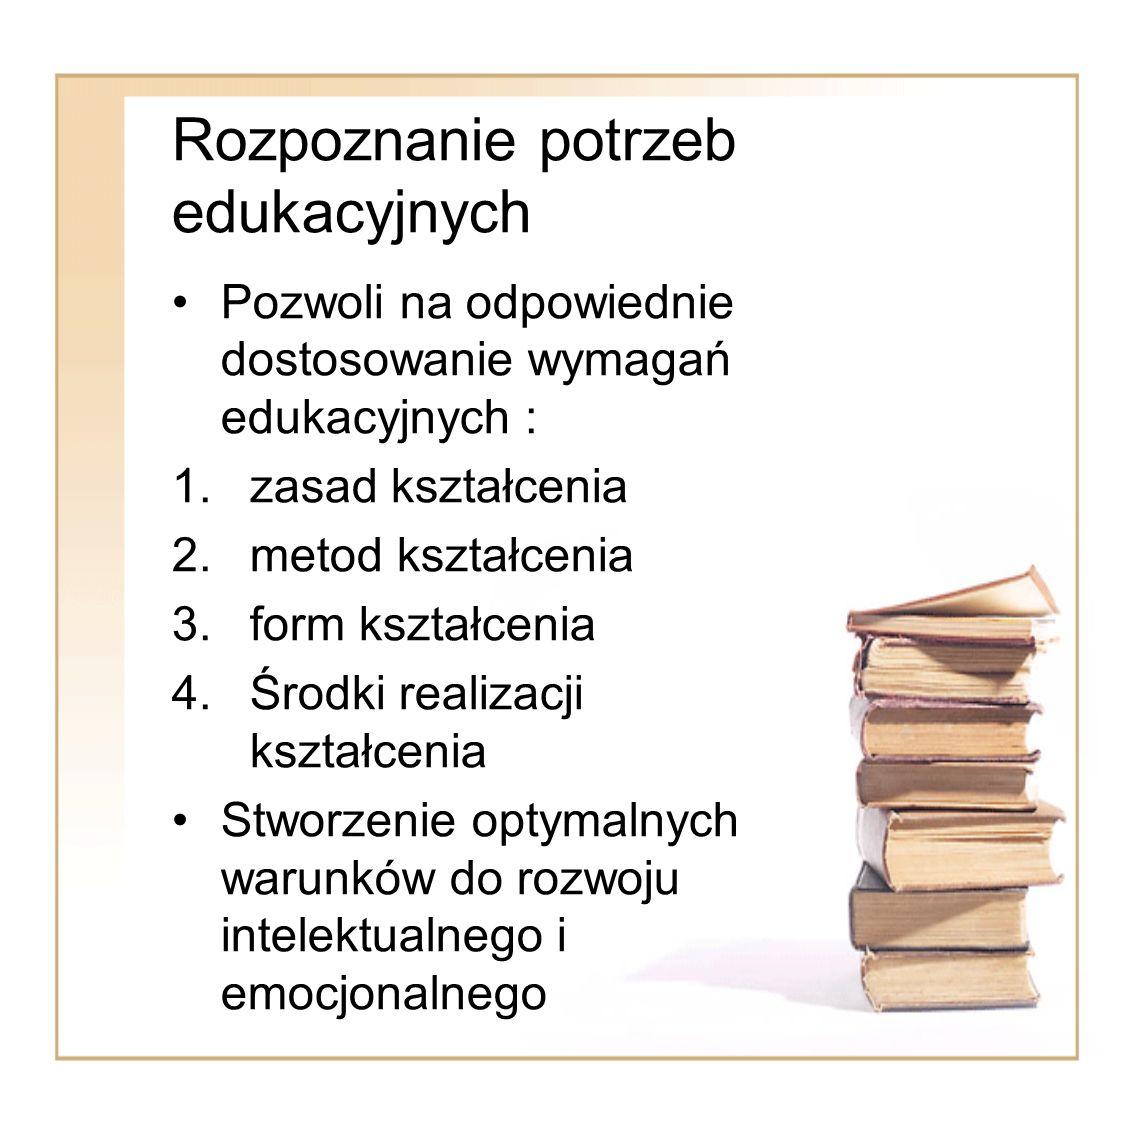 Rozpoznanie potrzeb edukacyjnych